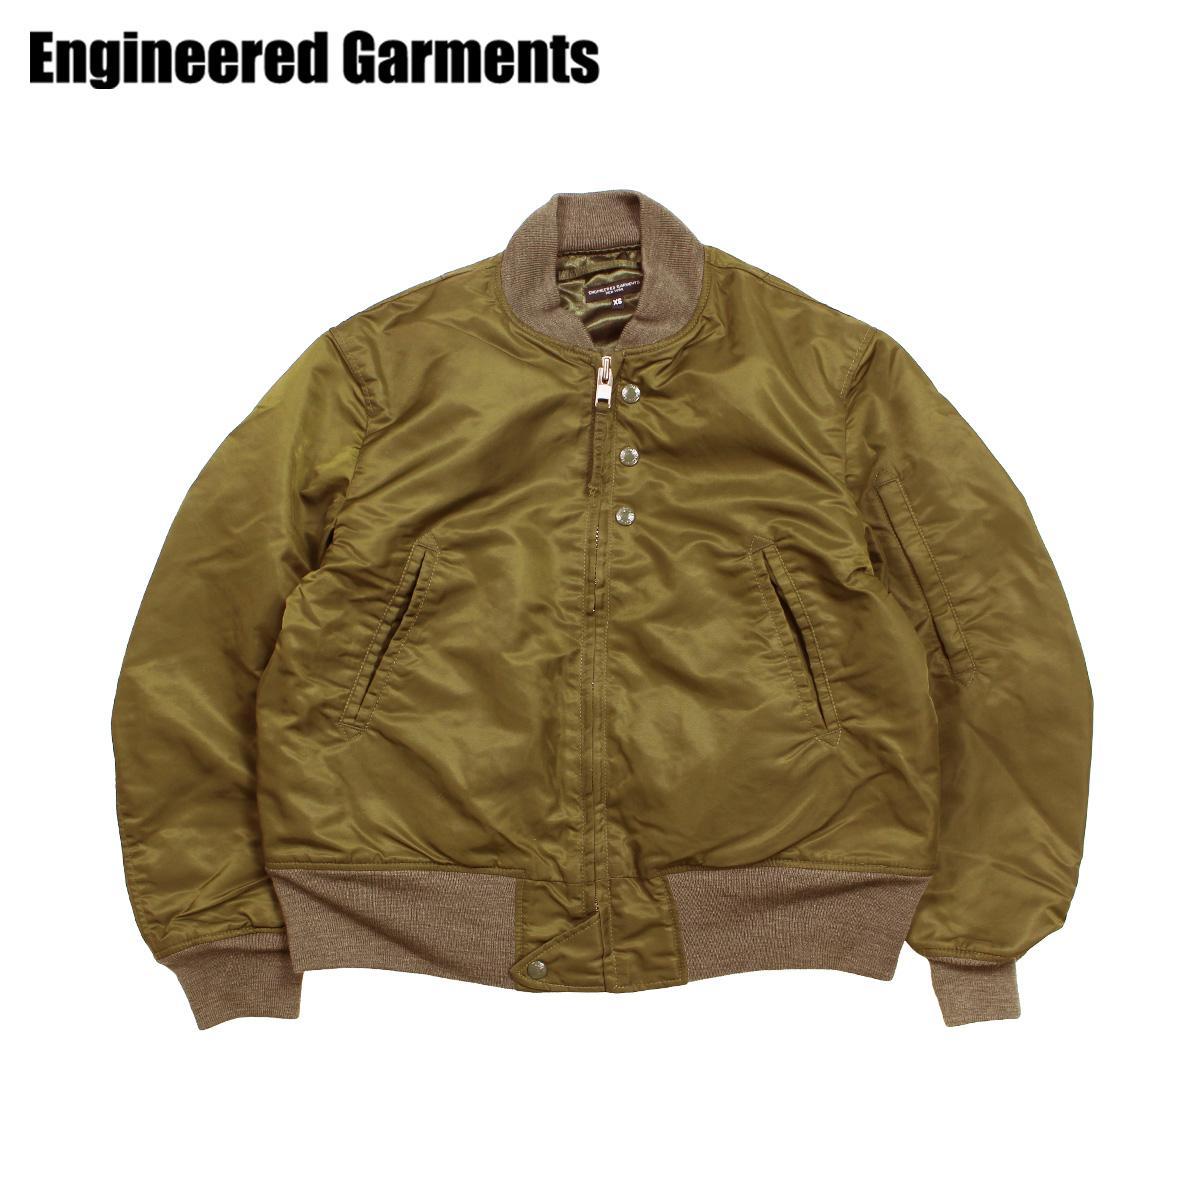 【最大2000円OFFクーポン】 エンジニアドガーメンツ ENGINEERED GARMENTS ジャケット メンズ MA1 フライトジャケット AVIATOR JACKET オリーブ F8D1184